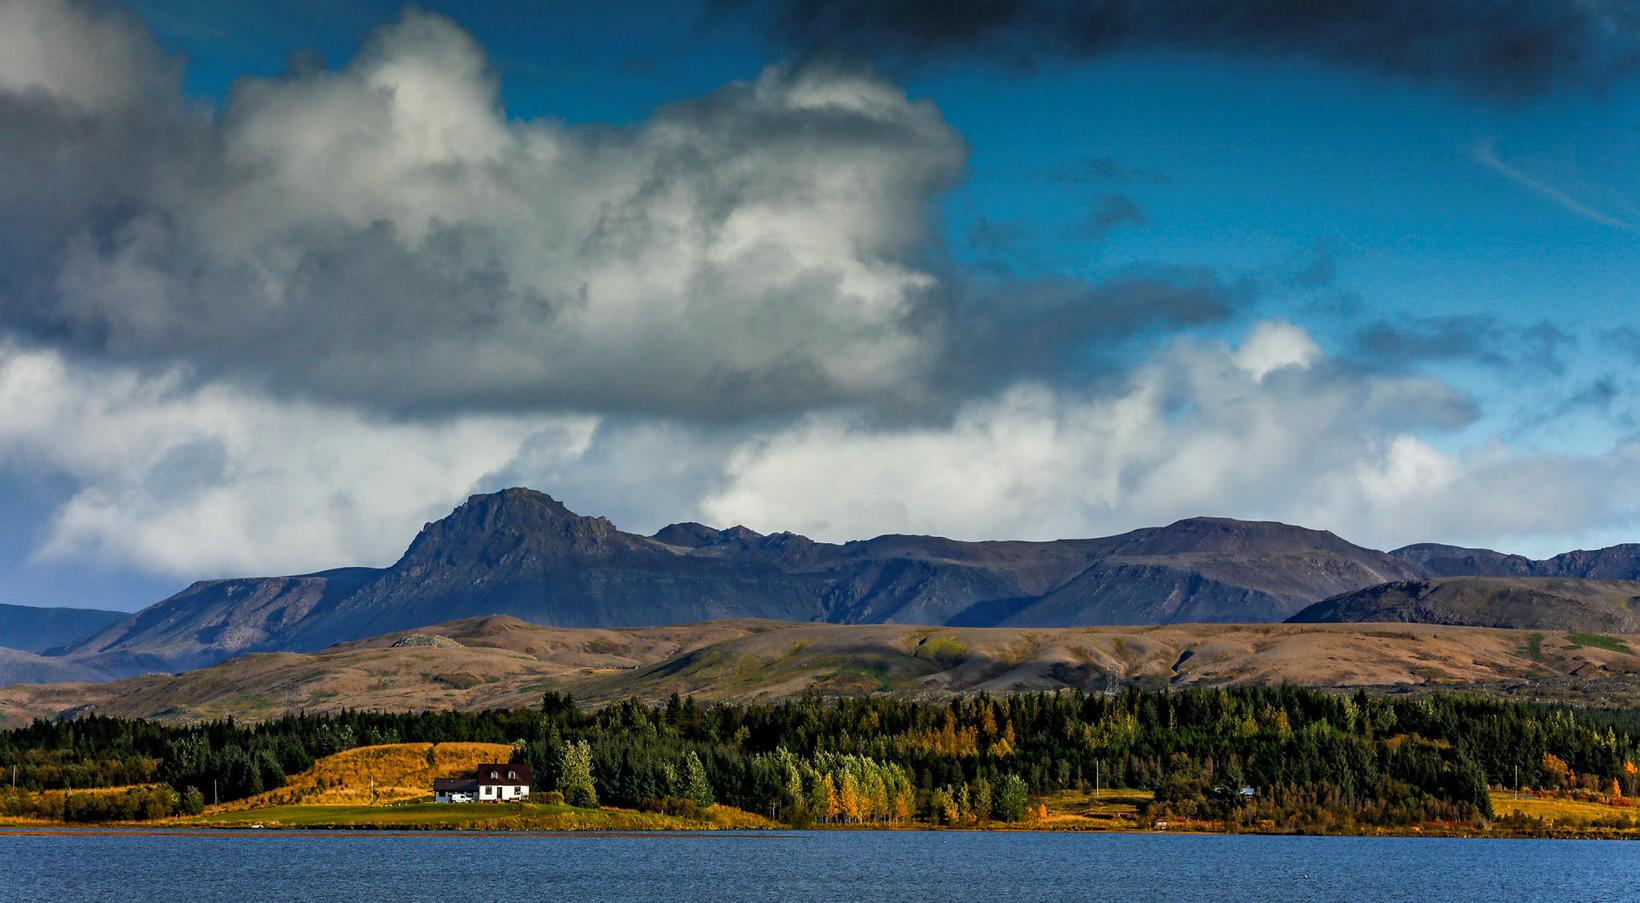 Fyrirtækið dregur saman seglin eins og önnur ferðaþjónustufyrirtæki.